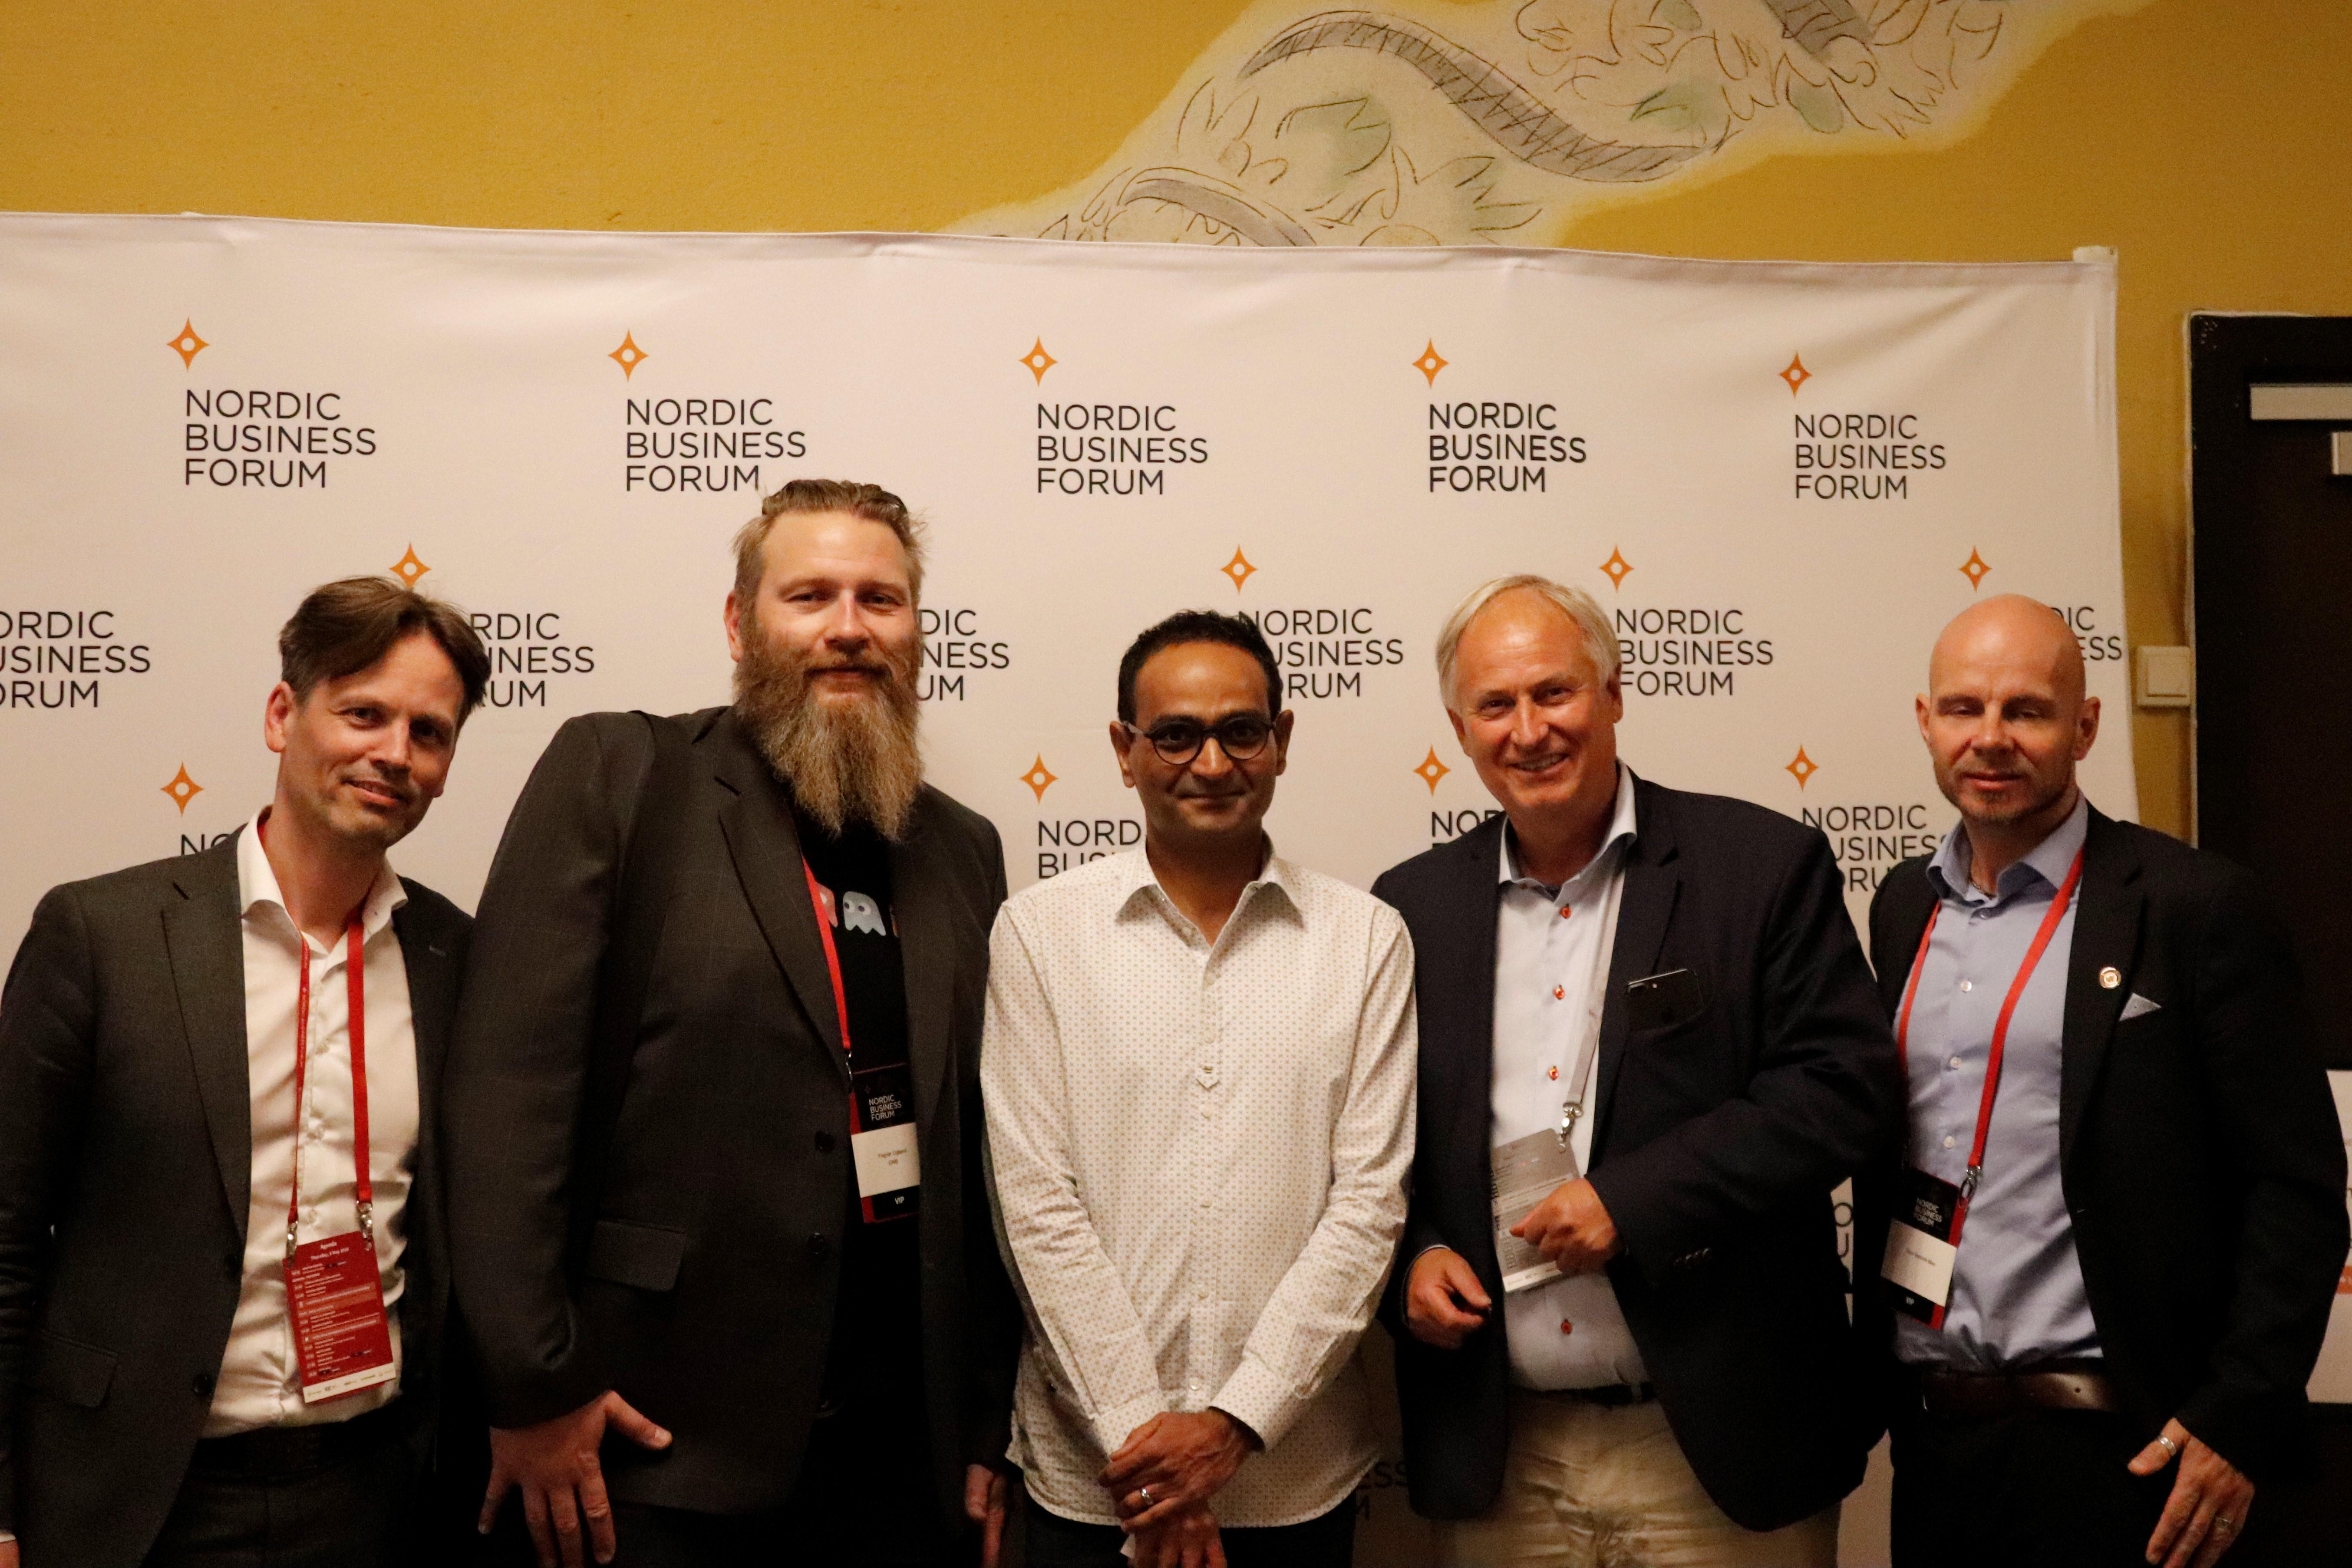 Nordic Business Forum Norge – inntrykk fra en av Norges beste lederkonferanser